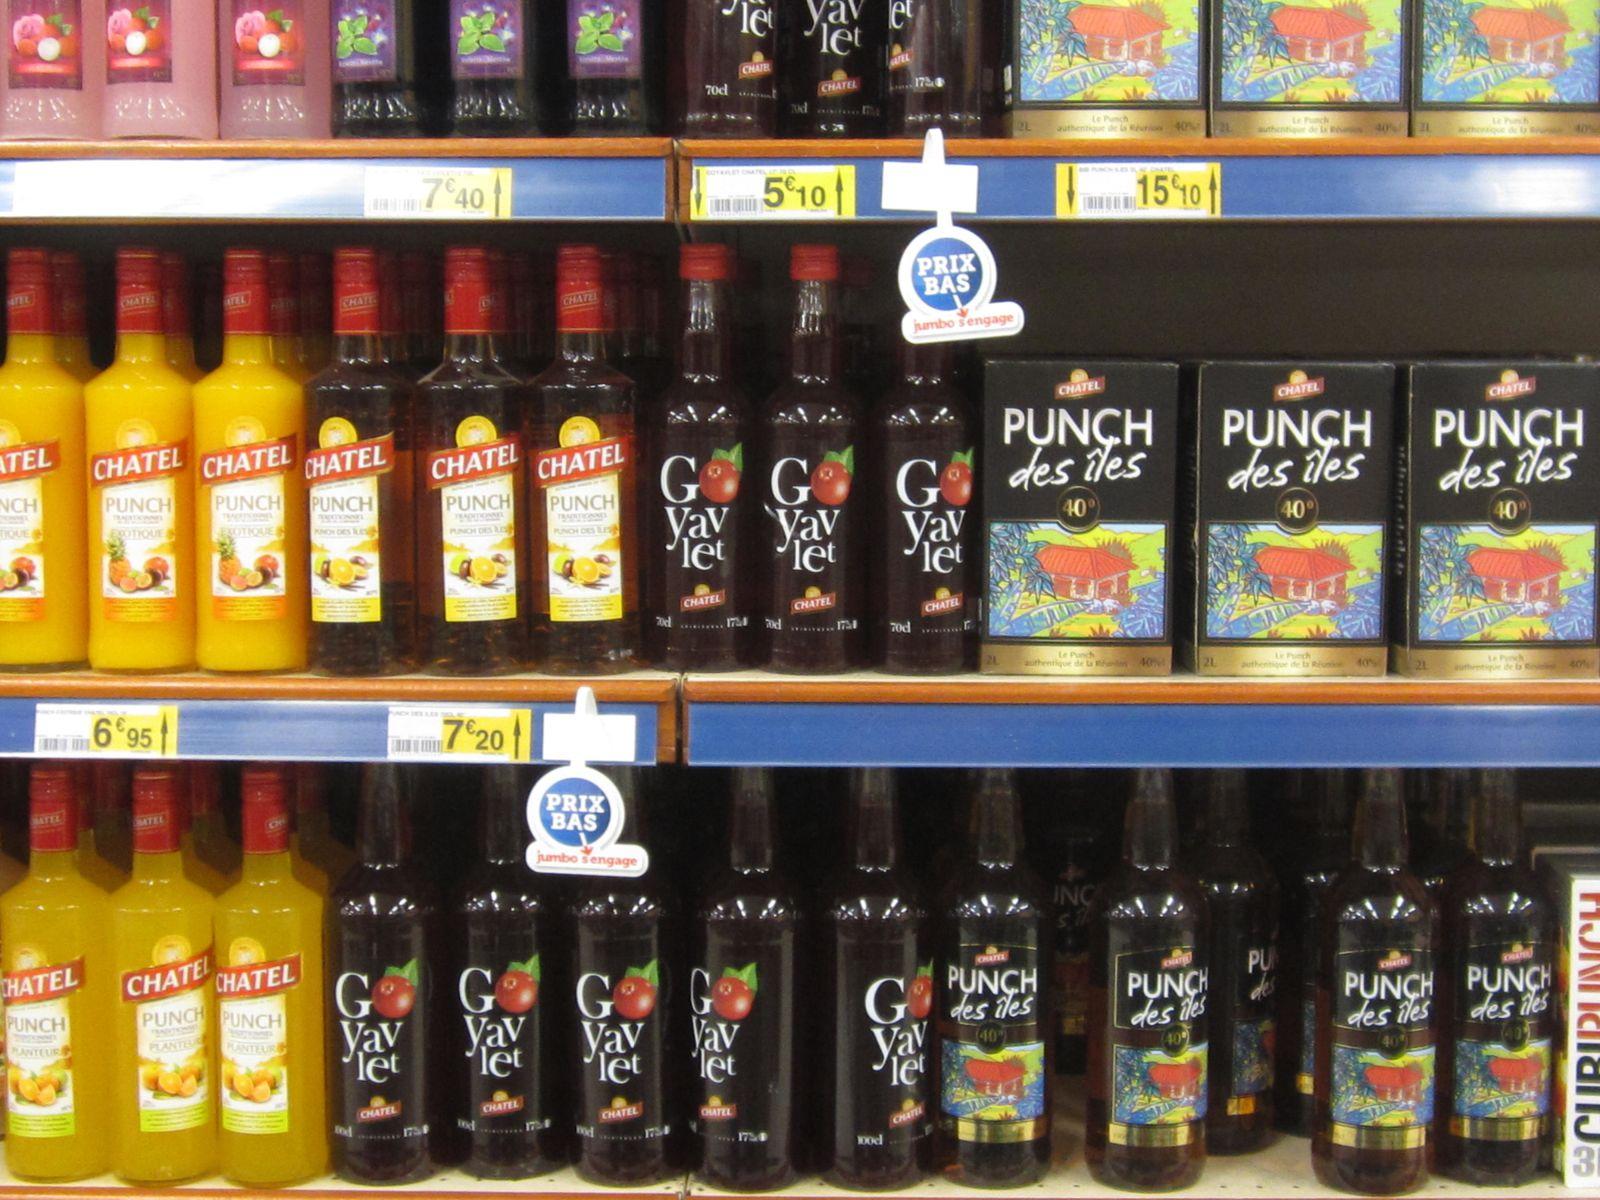 Ti'Punch aux fruits ... à boire avec modération!